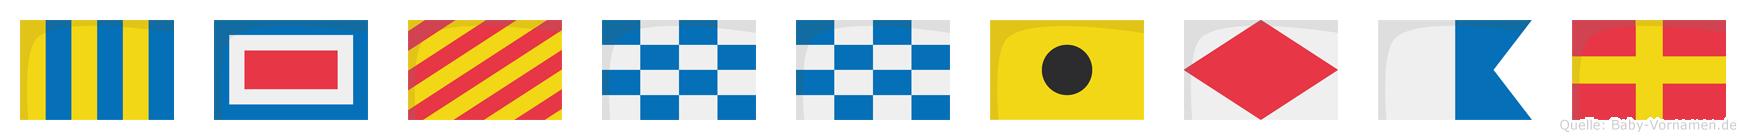 Gwynnifar im Flaggenalphabet